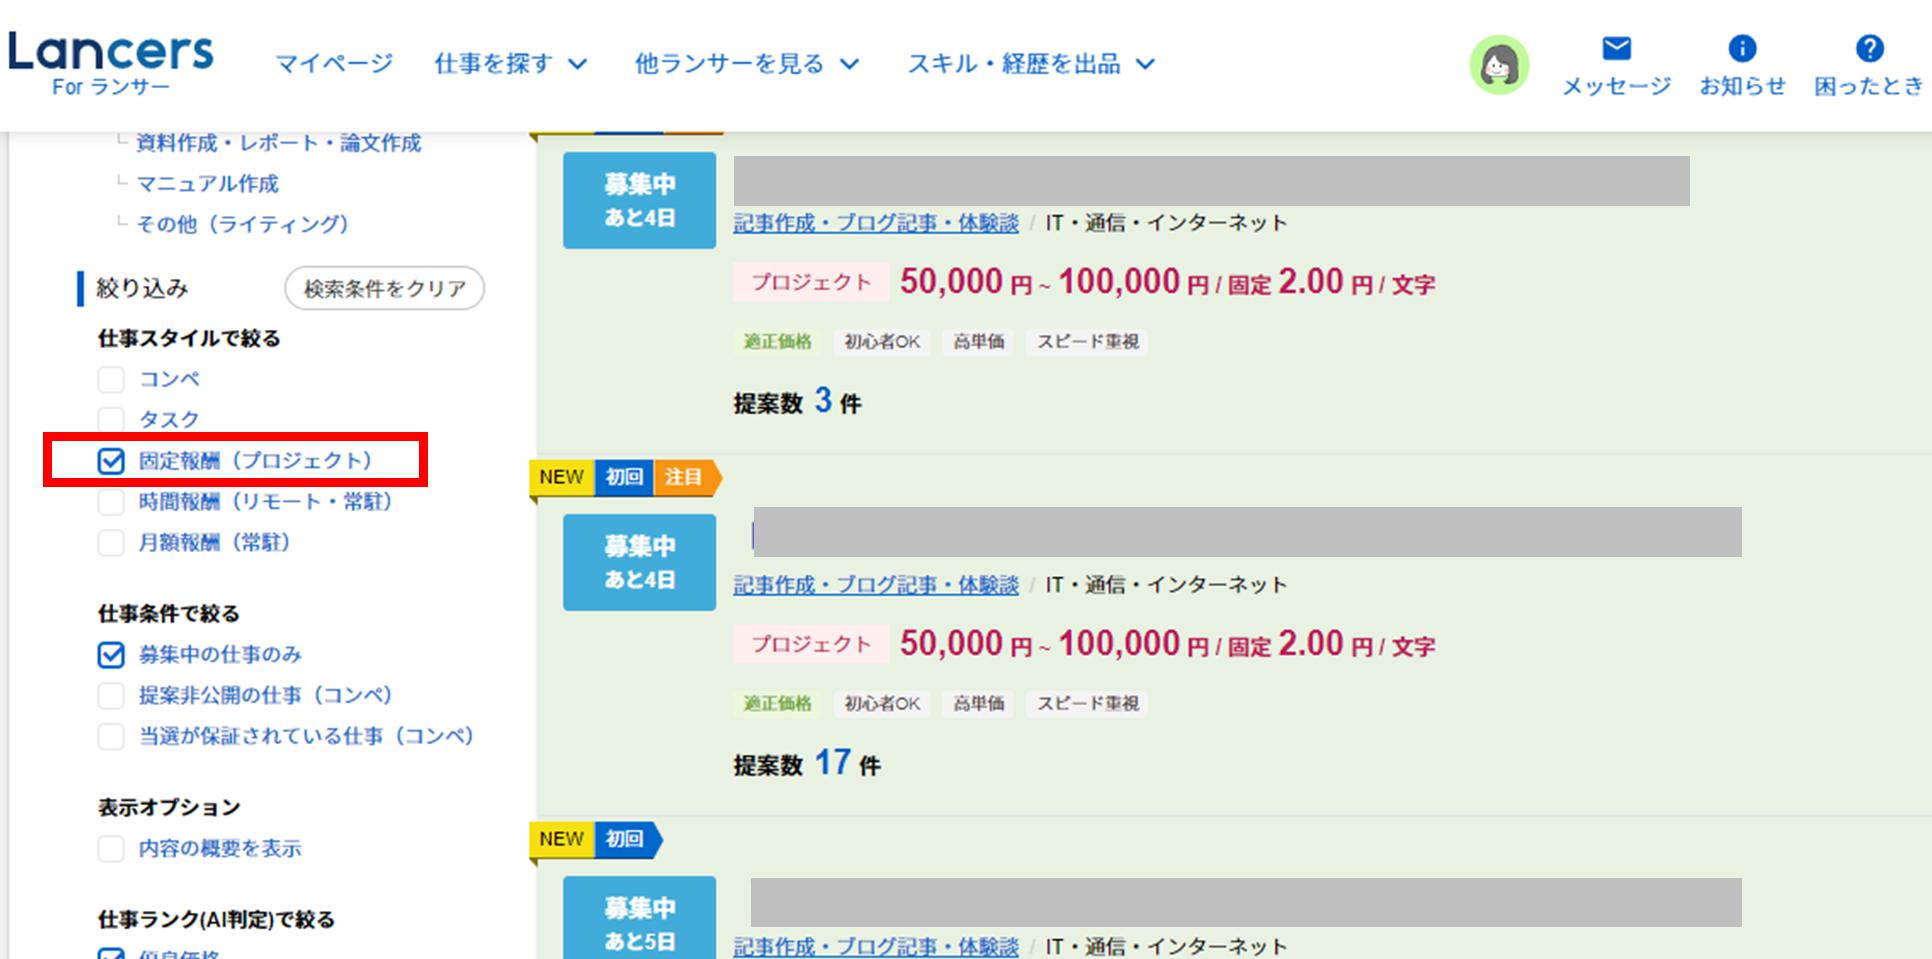 クラウドソーシングで3万円稼ぐためにやったこと